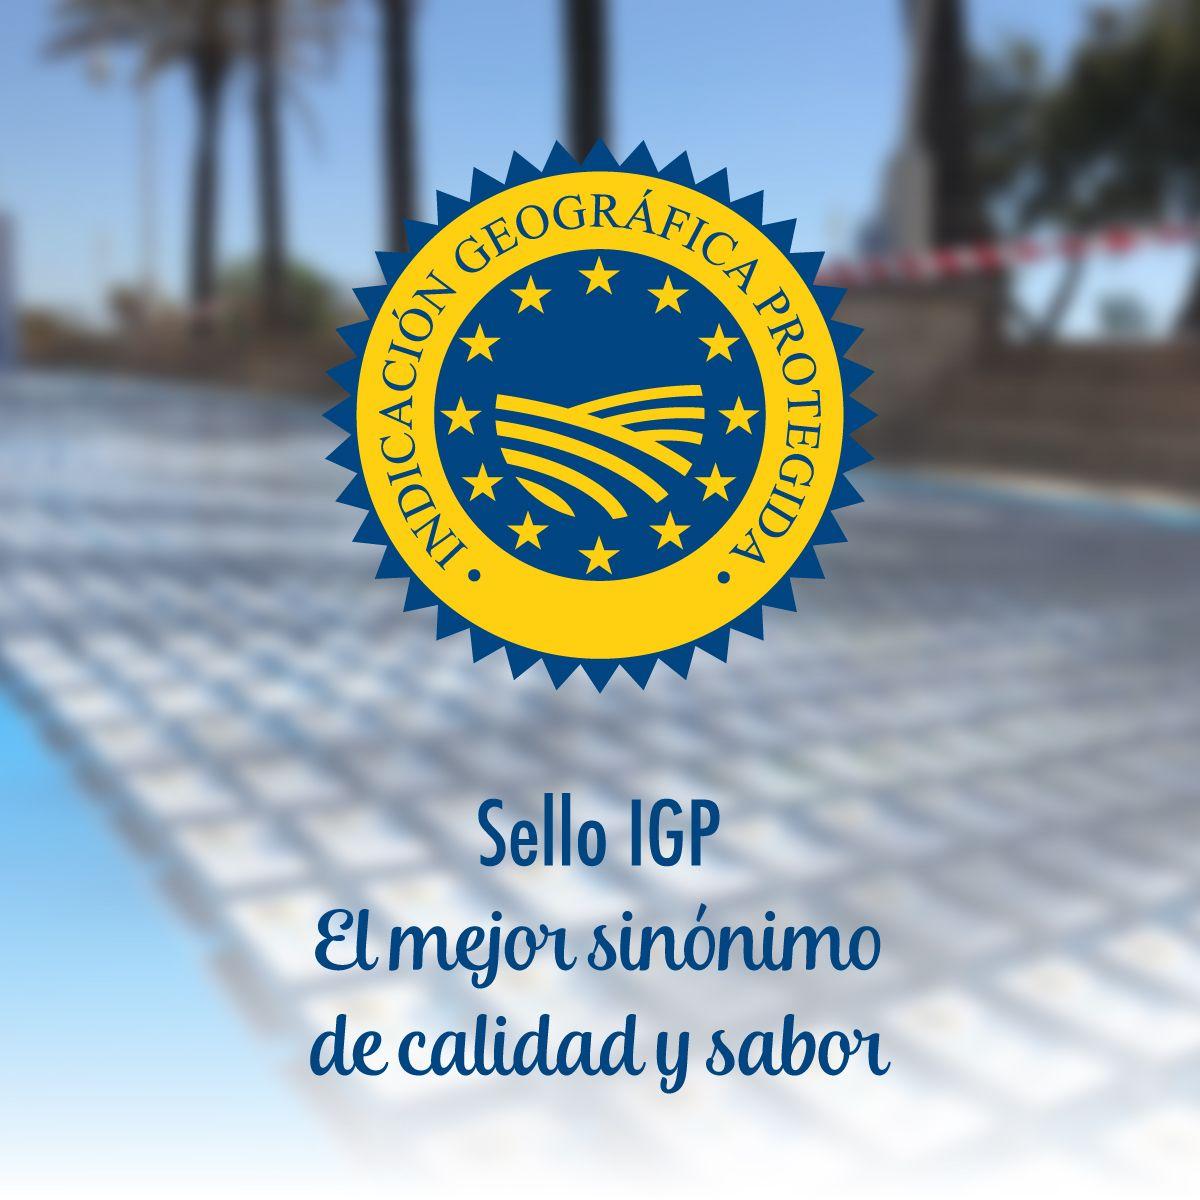 Sello IGP, Indicación Geográfica Protegida